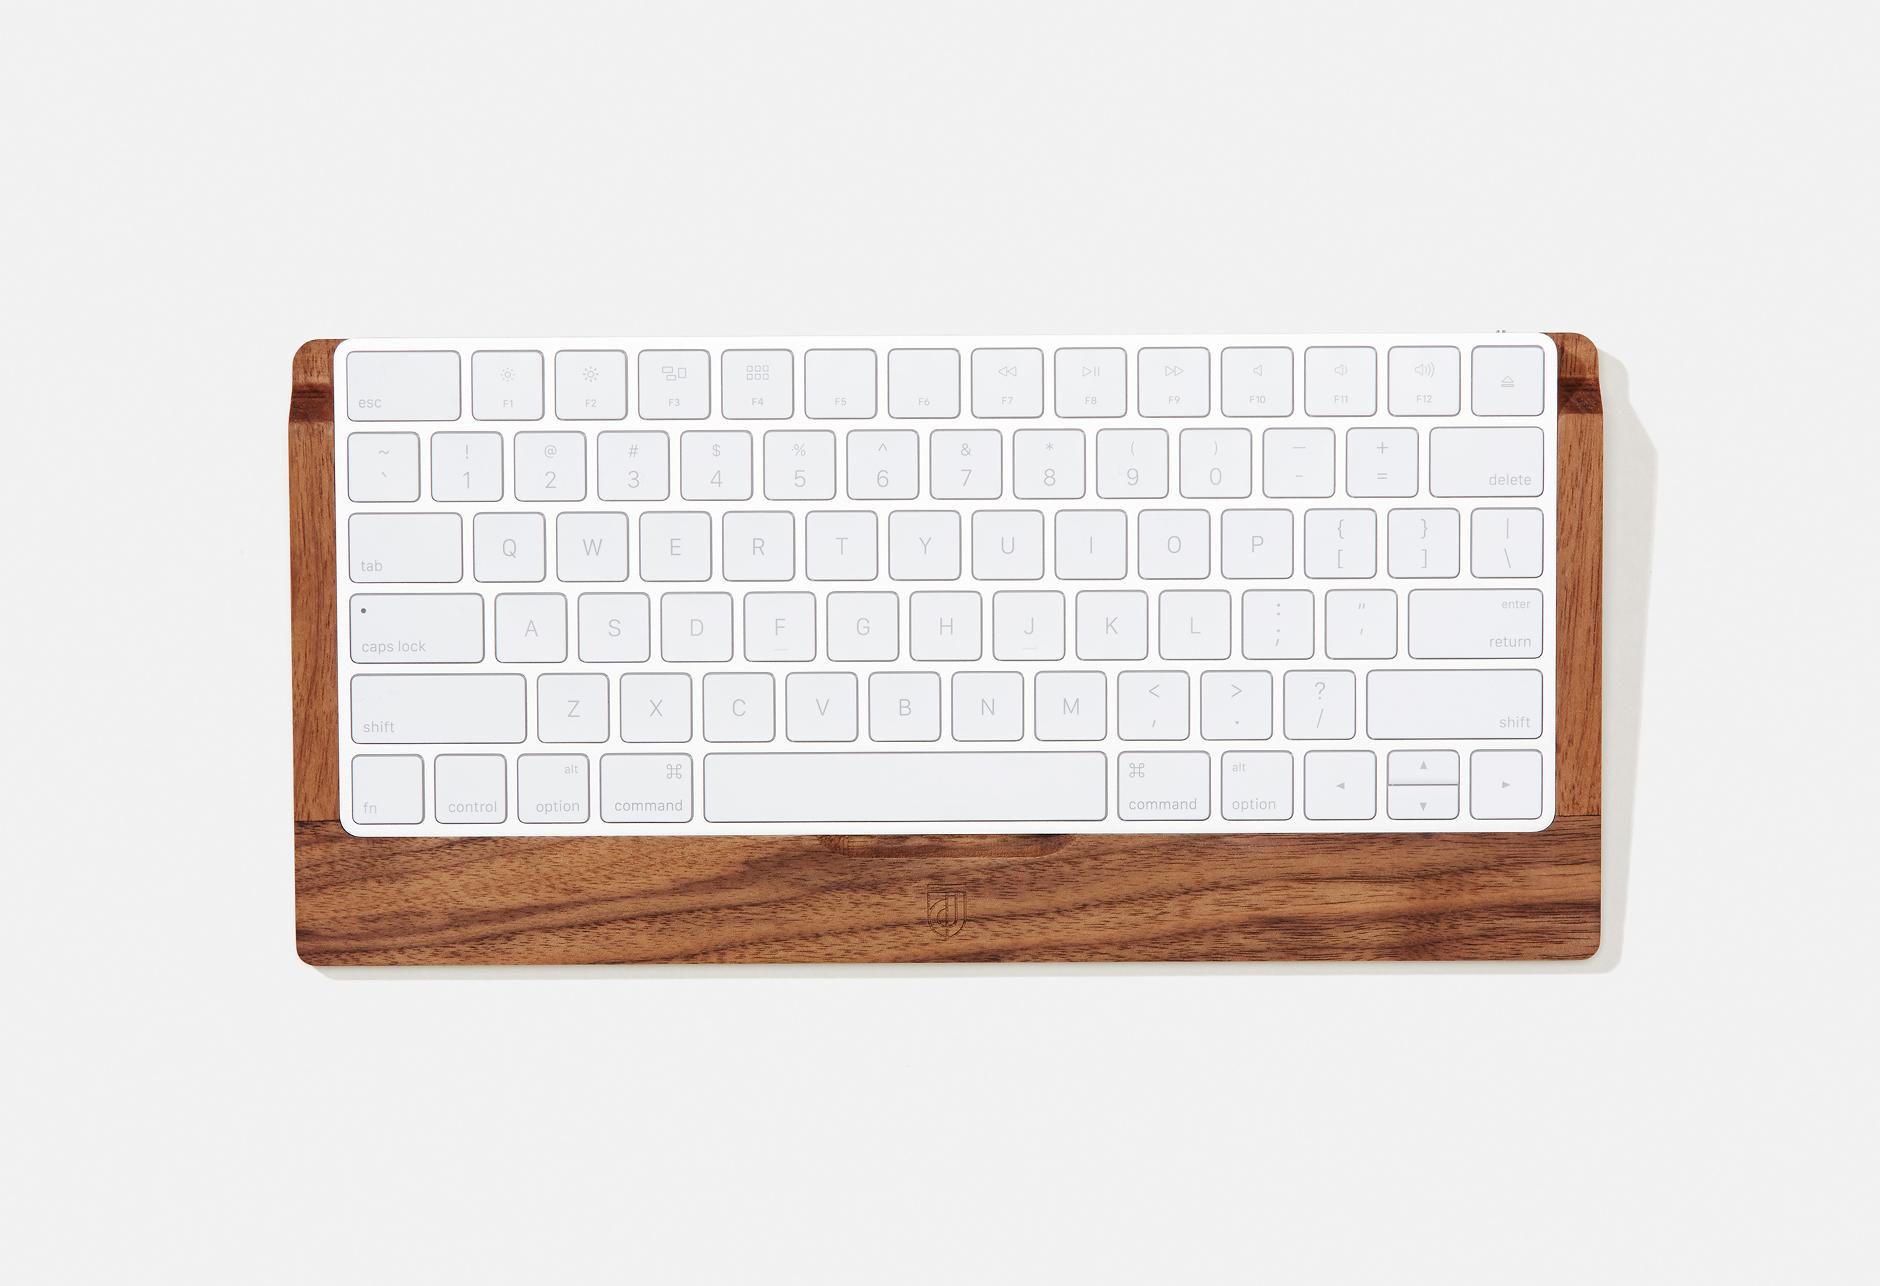 Grovemade_KeyboardTray_Walnut_000